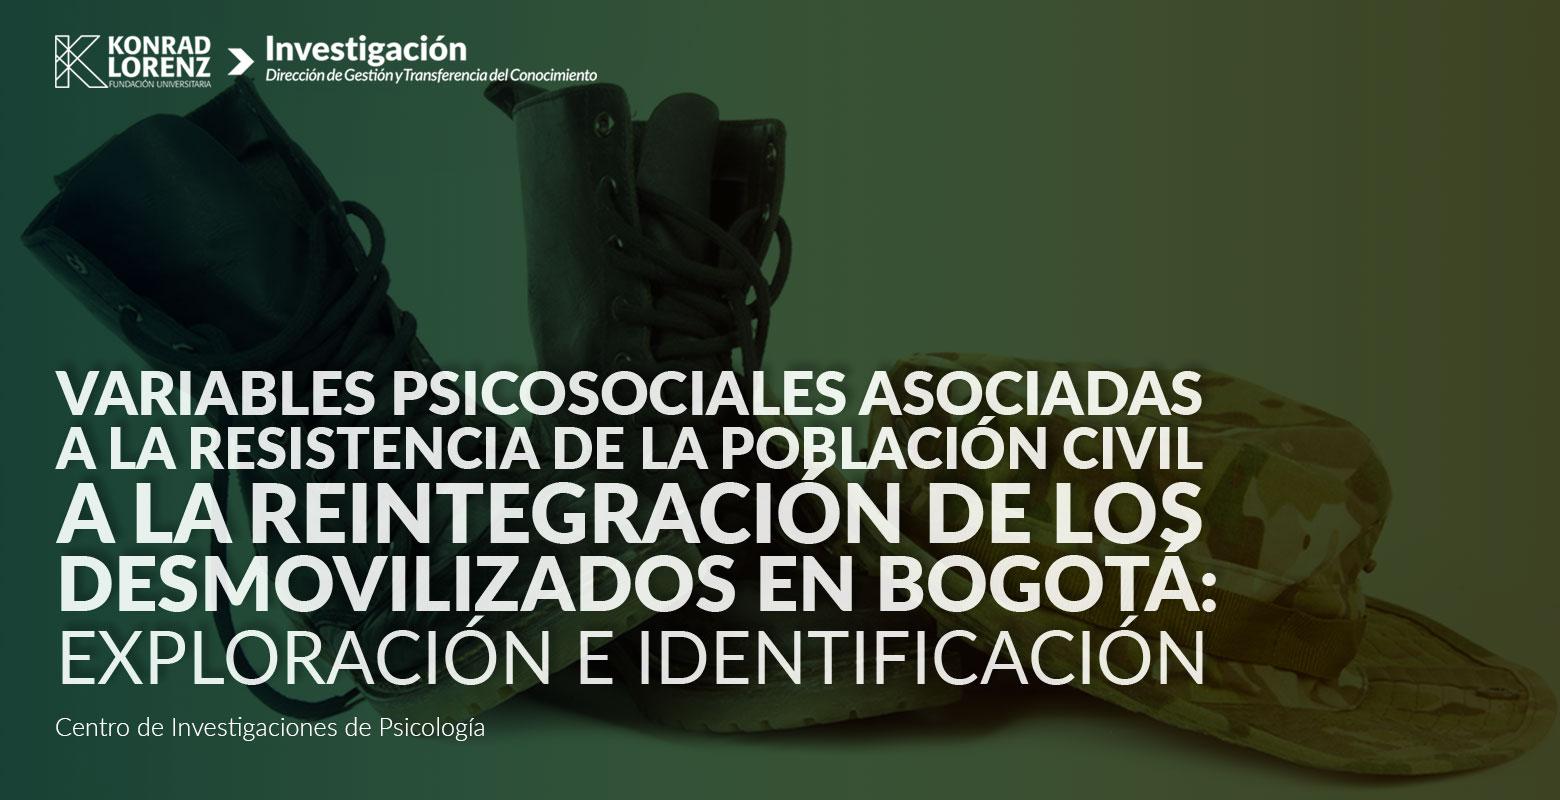 Variables psicosociales asociadas a la resistencia de la población civil a la reintegración de los desmovilizados en Bogotá: exploración e identificación